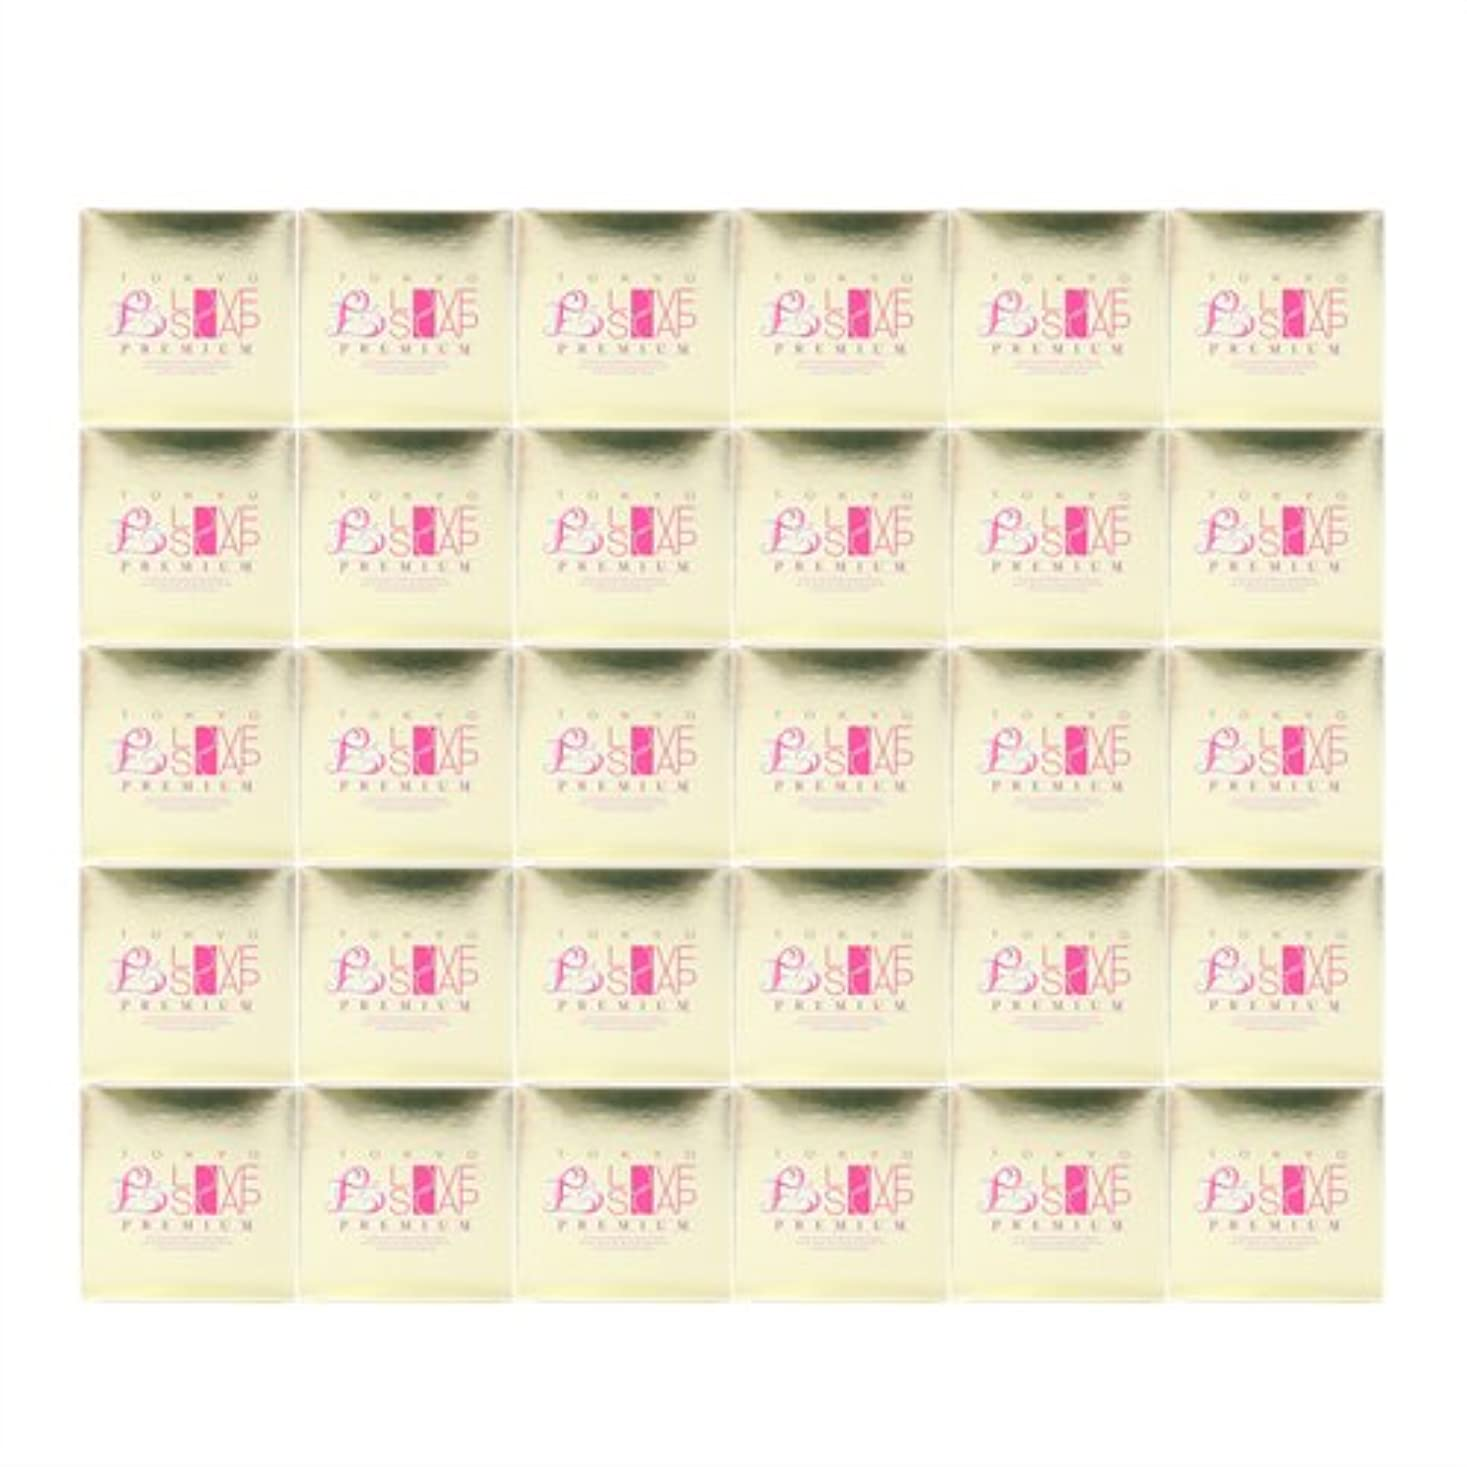 捕虜師匠気性東京ラブソープ プレミアム (100g) x30個 セット